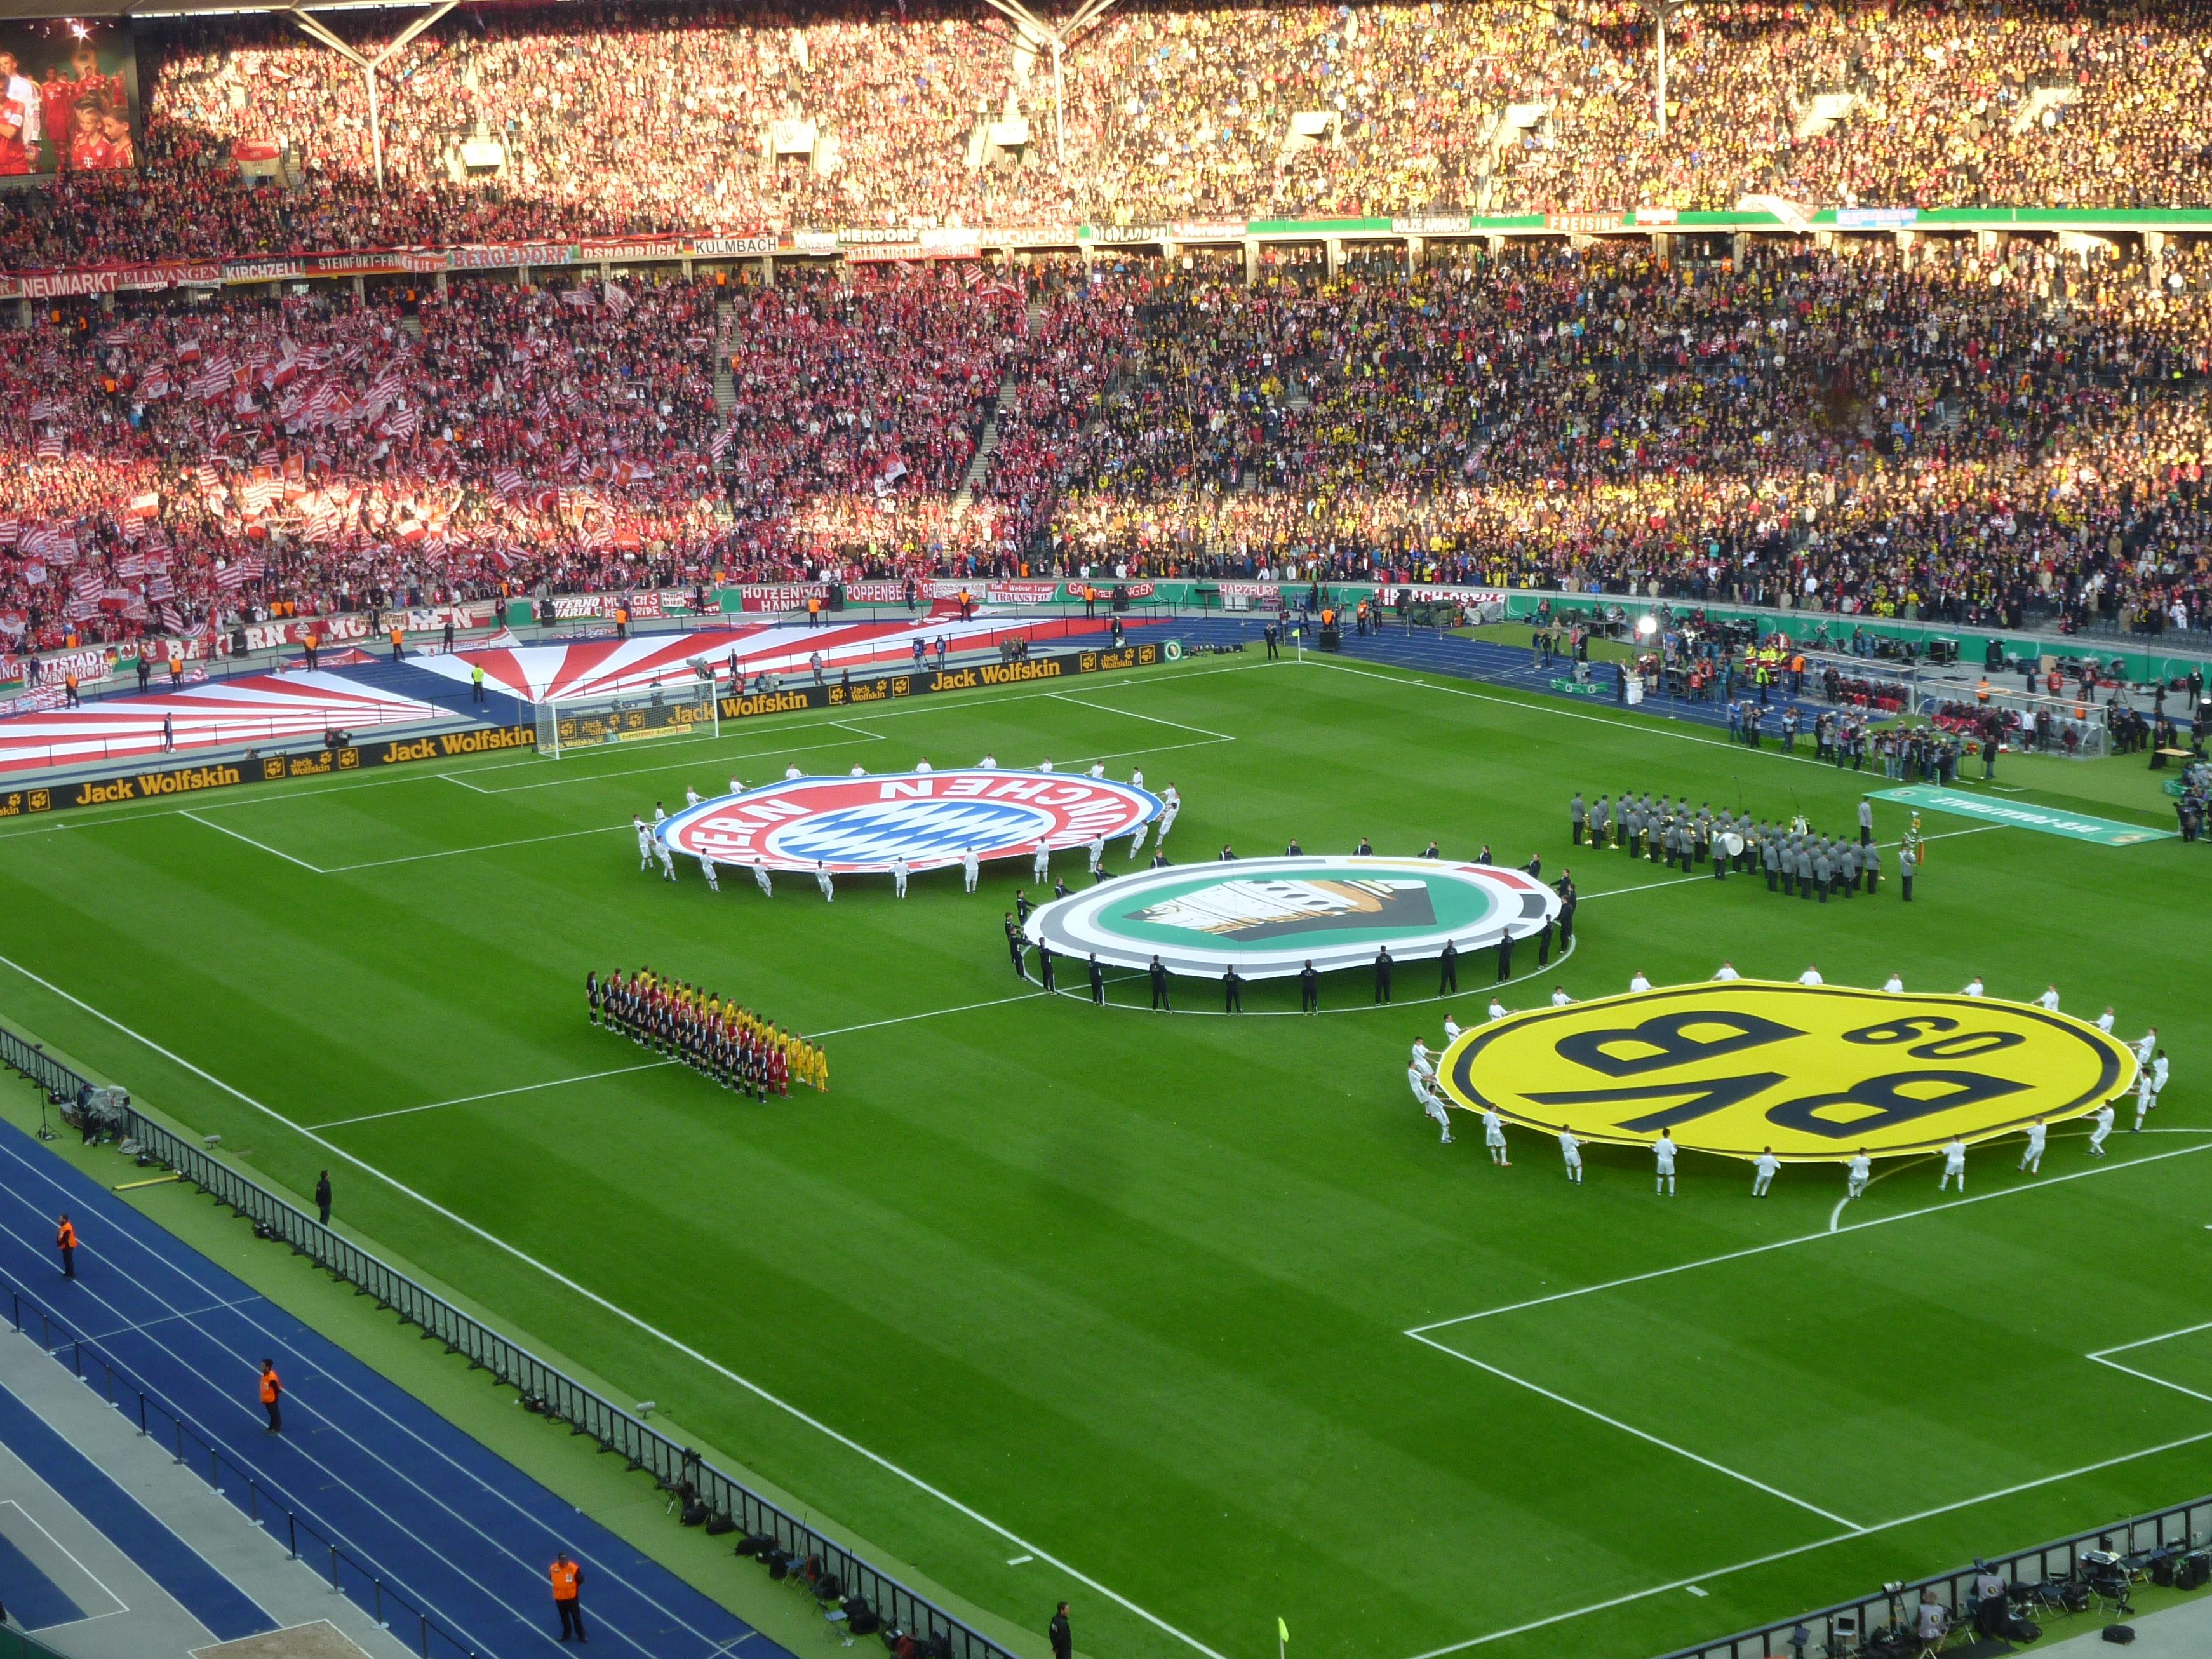 Pokalfinale Berlin am 12. Mai 2012